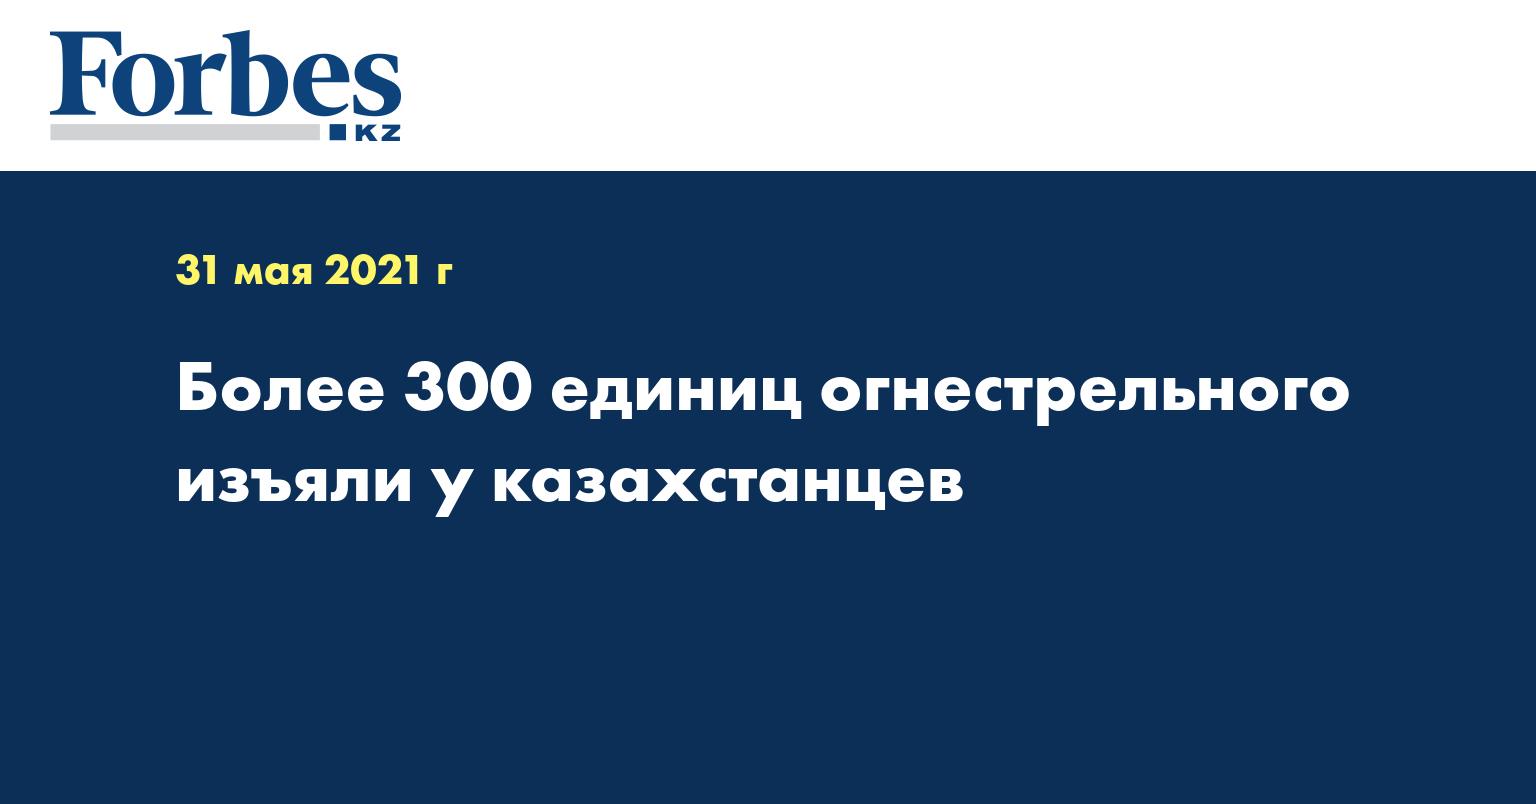 Более 300 единиц огнестрельного изъяли у казахстанцев